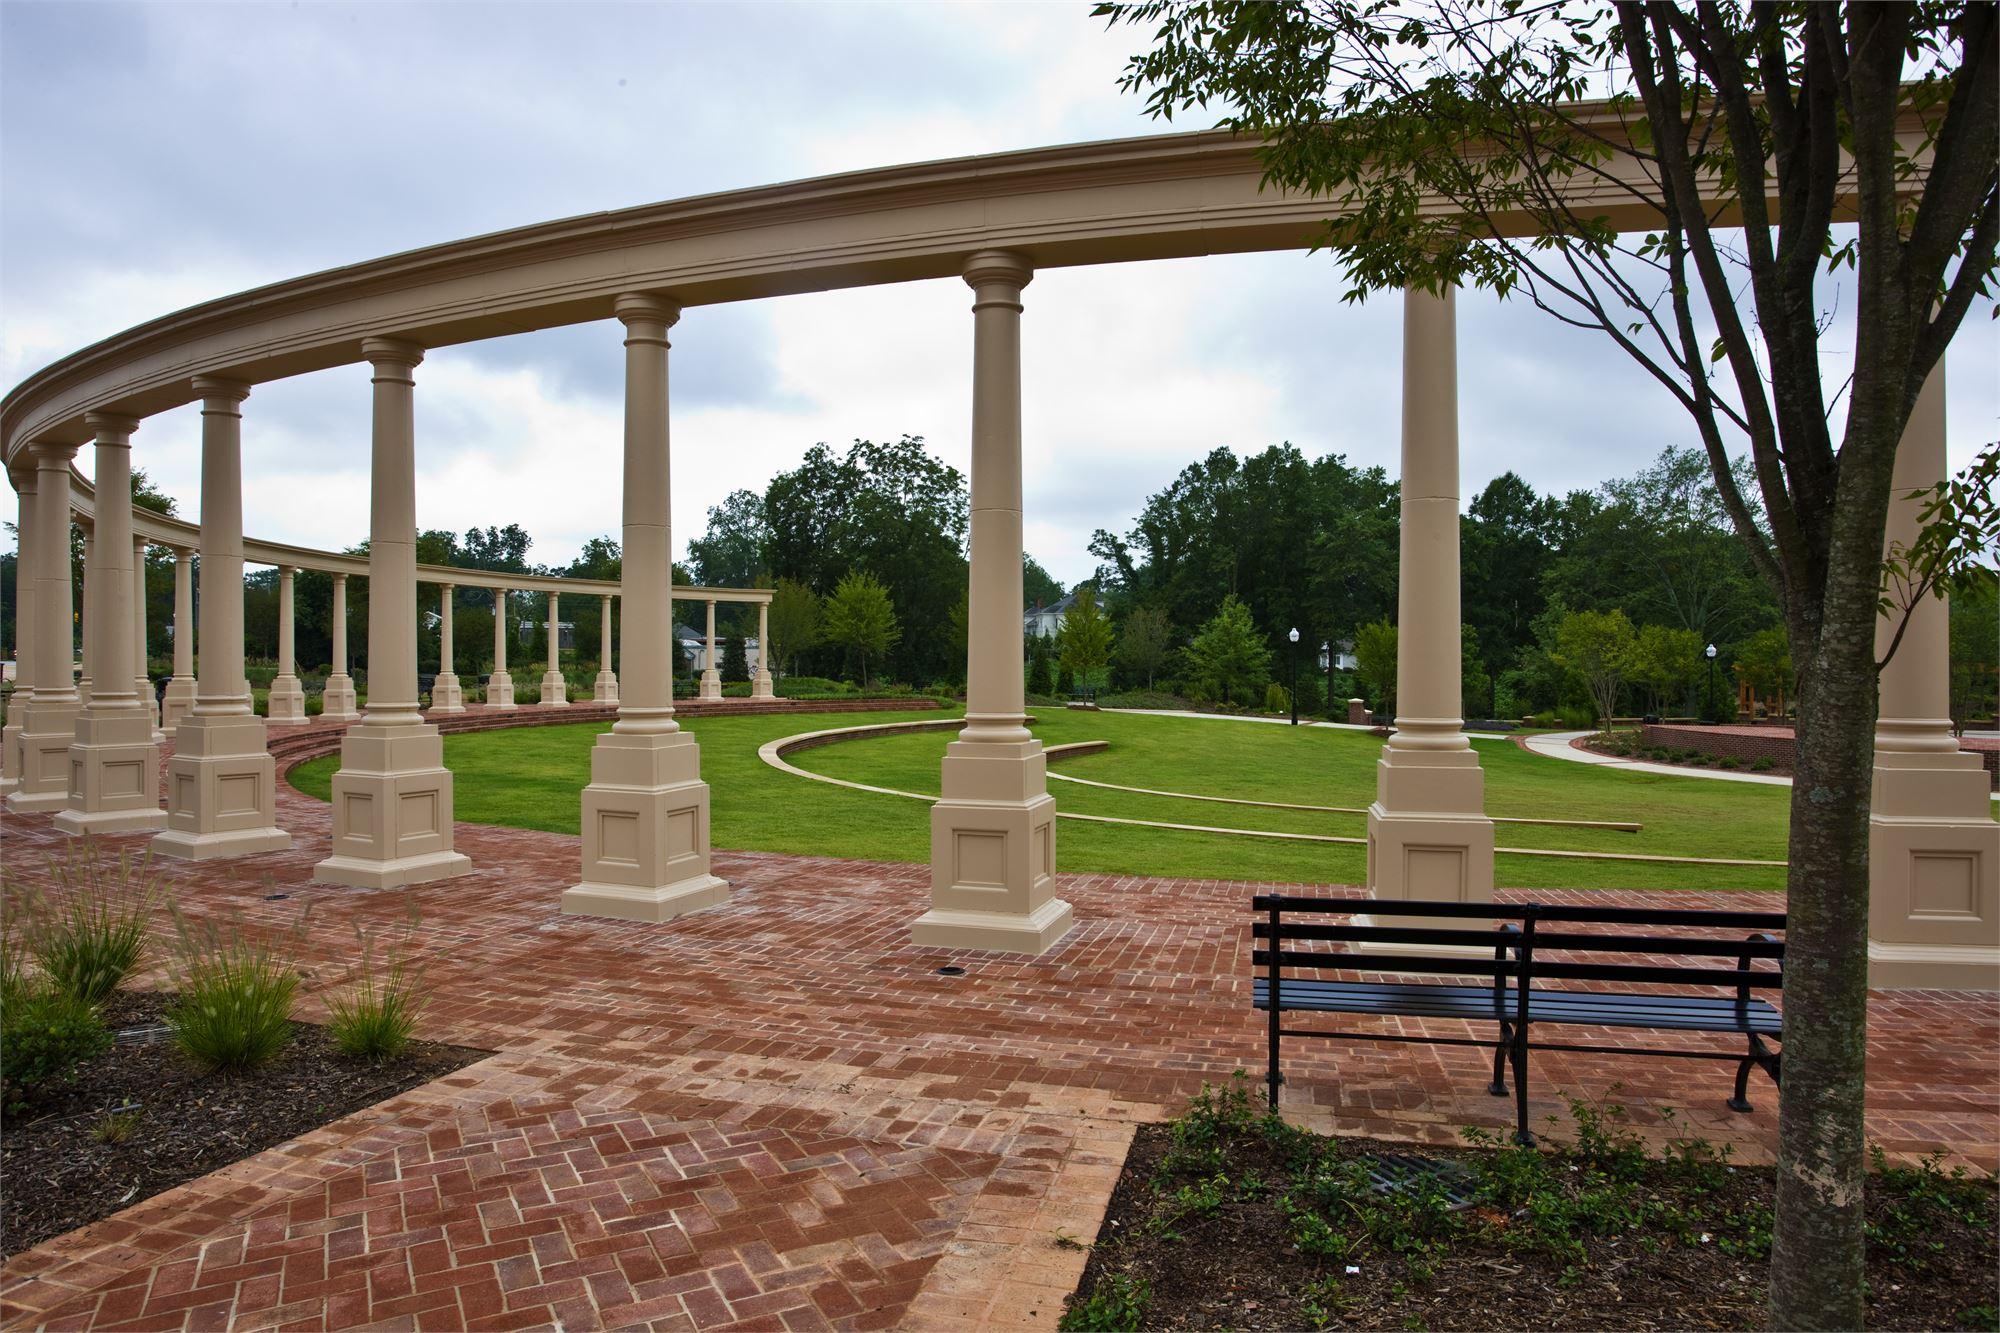 Greenville Street Park